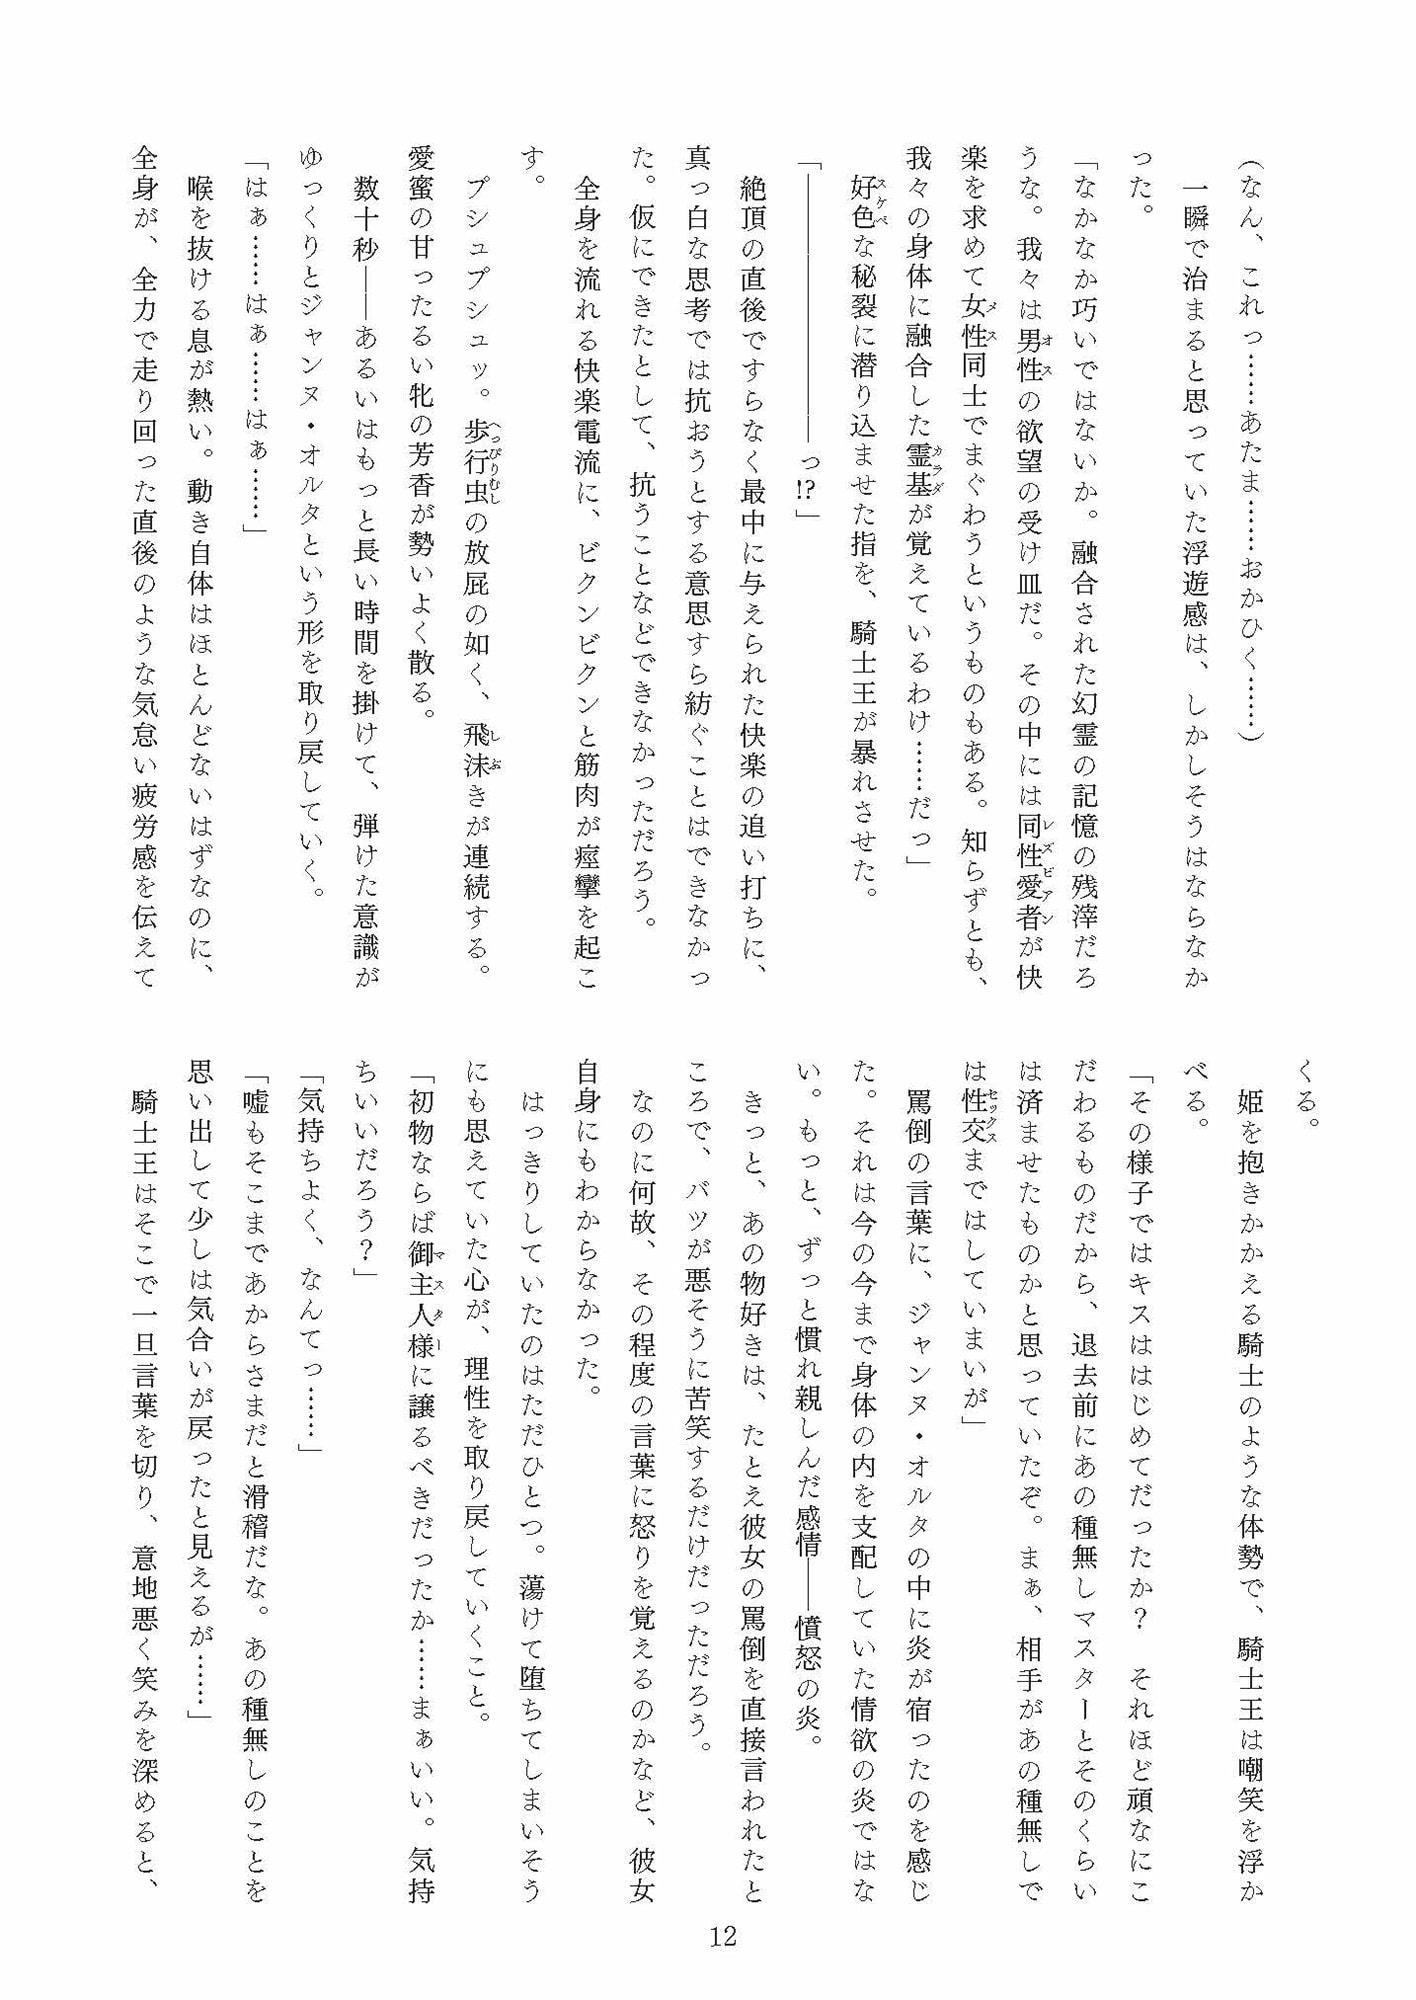 迷妄淫欲稗史新宿 英隷堕淫狂宴